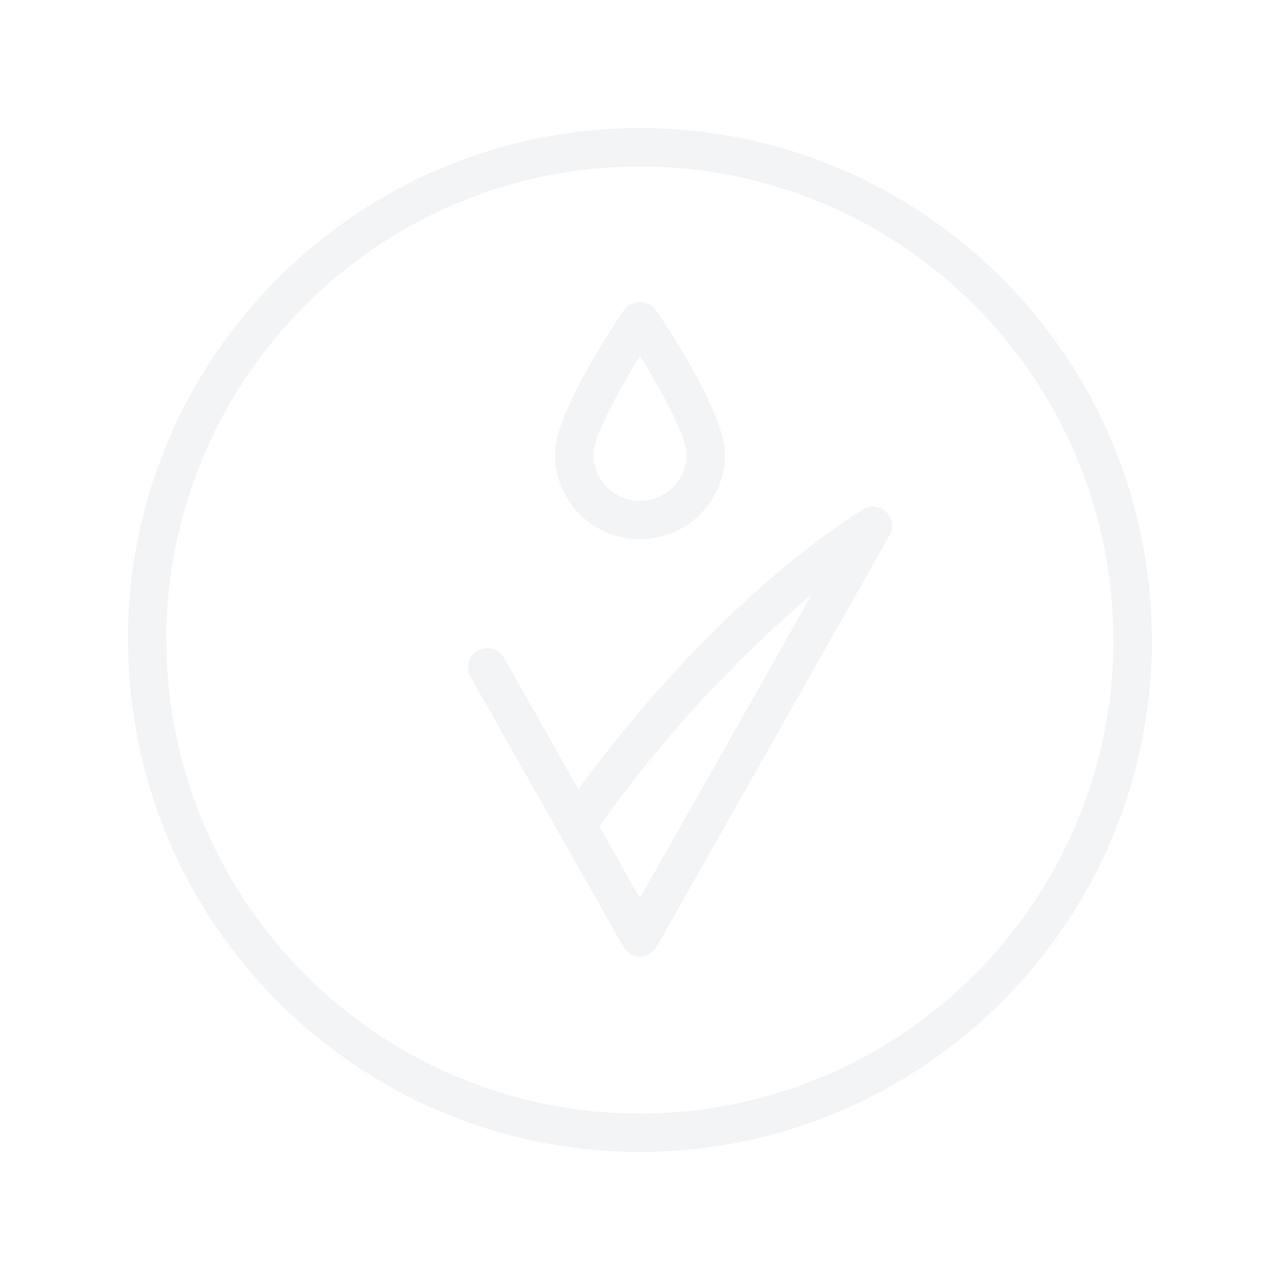 HOLIKA HOLIKA Aloe Soothing Essence Hydrogel Eye Patch 60pcs